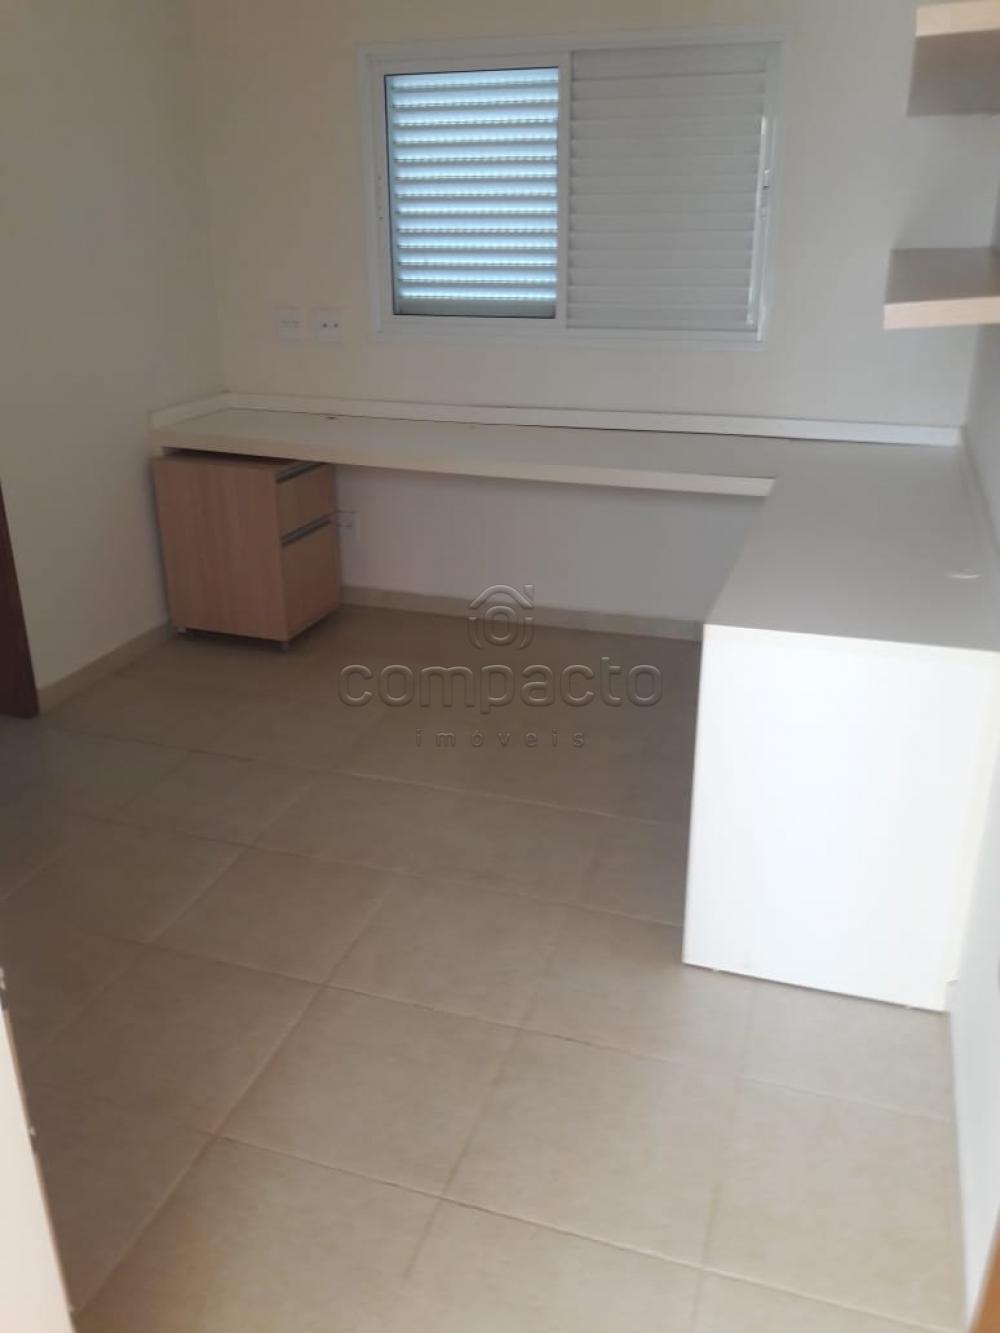 Alugar Casa / Condomínio em São José do Rio Preto apenas R$ 4.500,00 - Foto 7